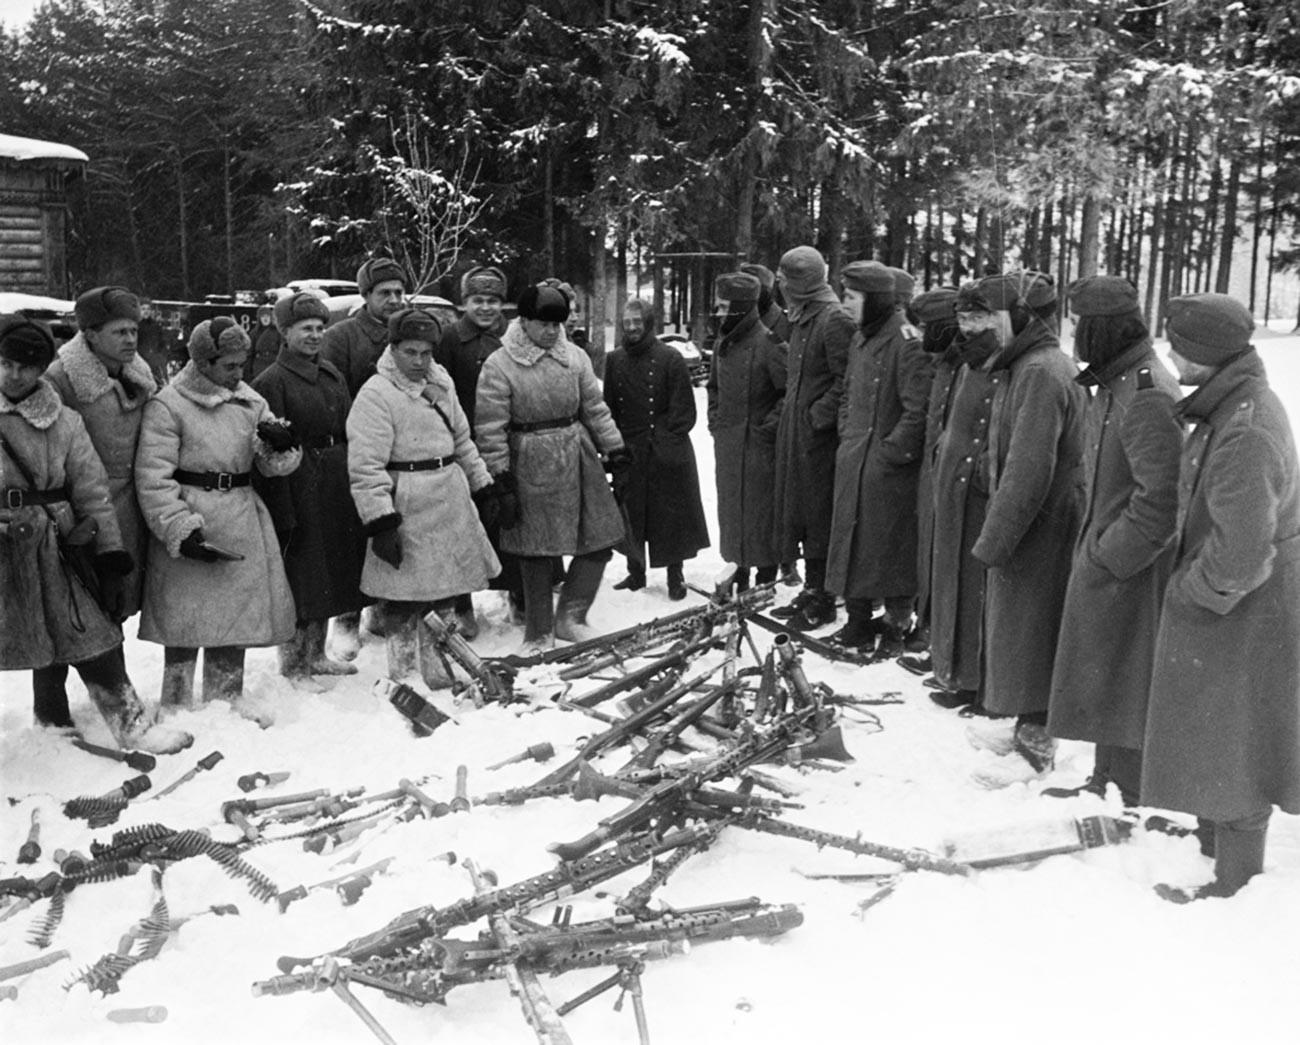 Војници разбијене немачке јединице предају оружје.